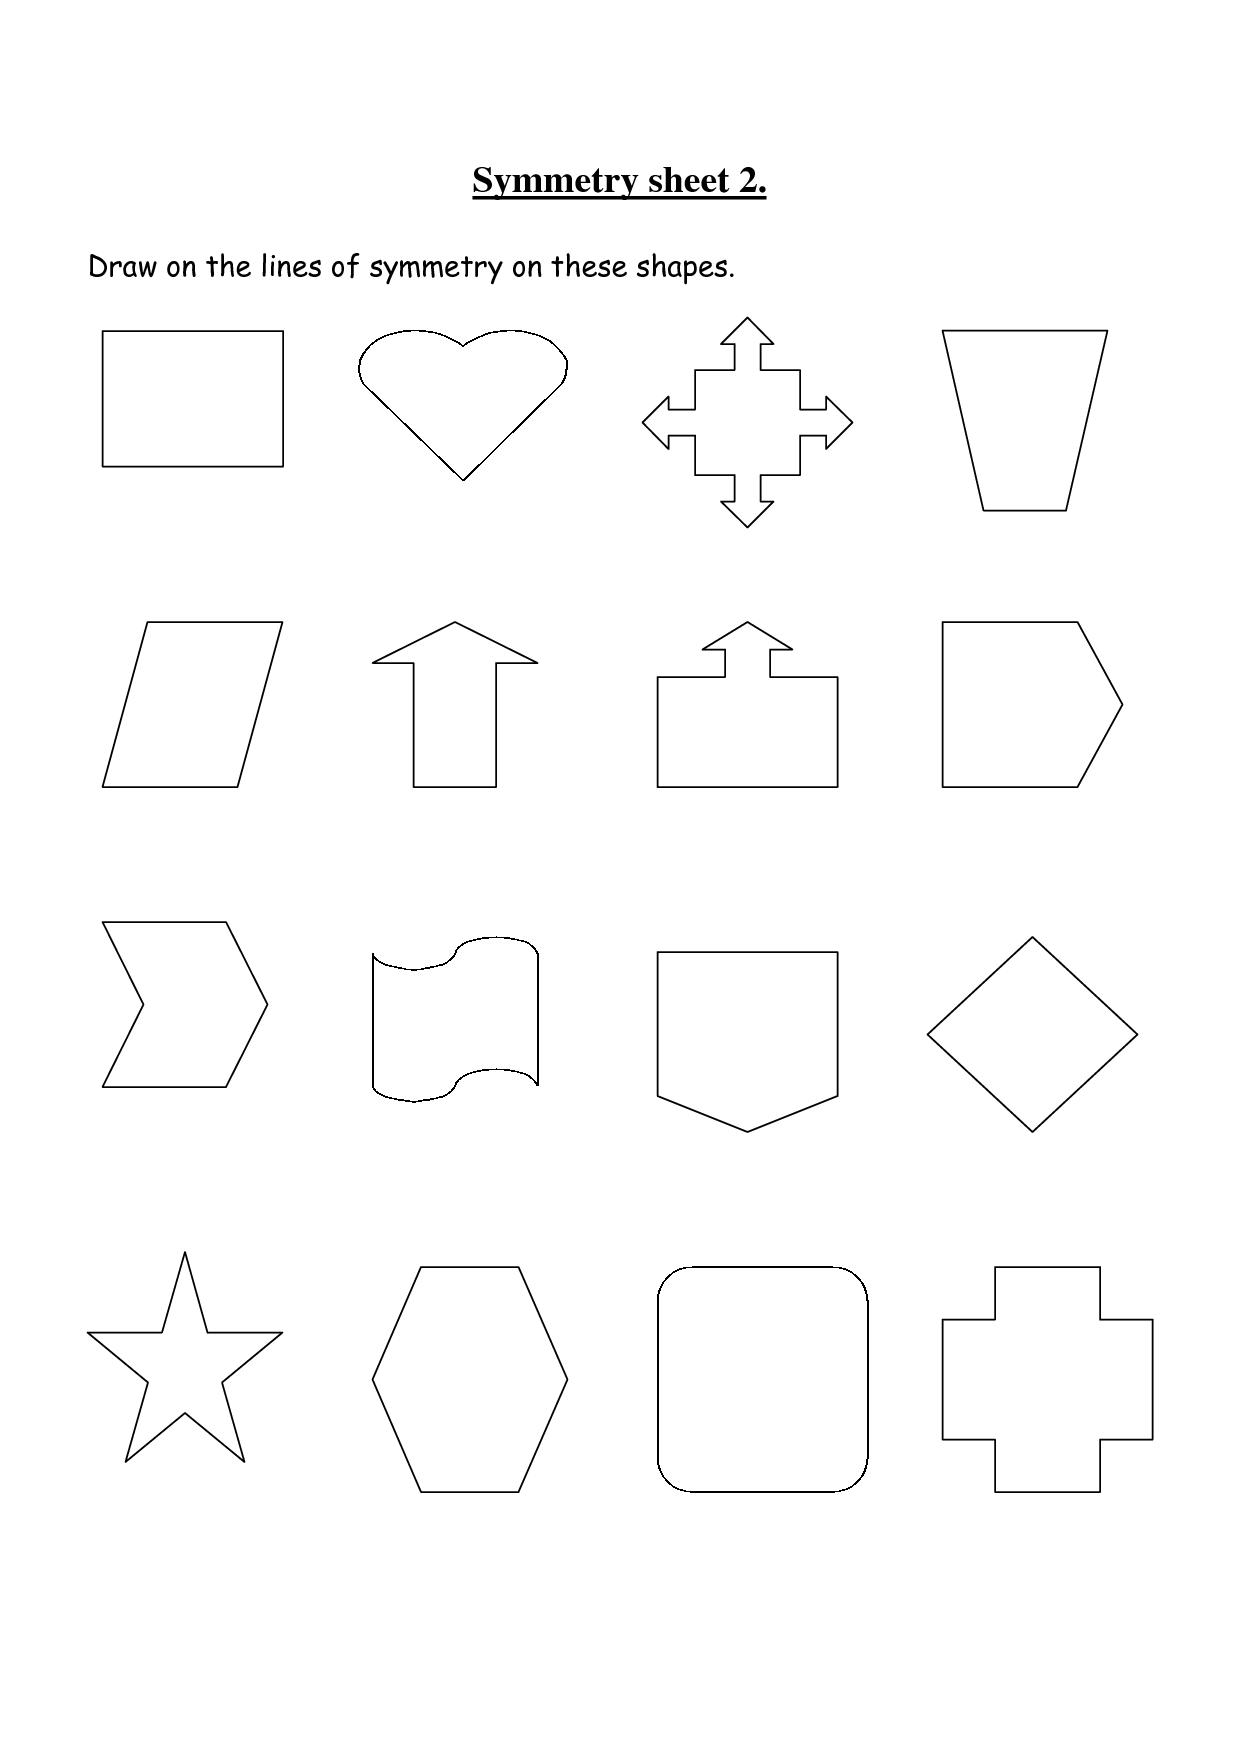 Rotational Symmetry Worksheets   Symmetry worksheets [ 1754 x 1240 Pixel ]